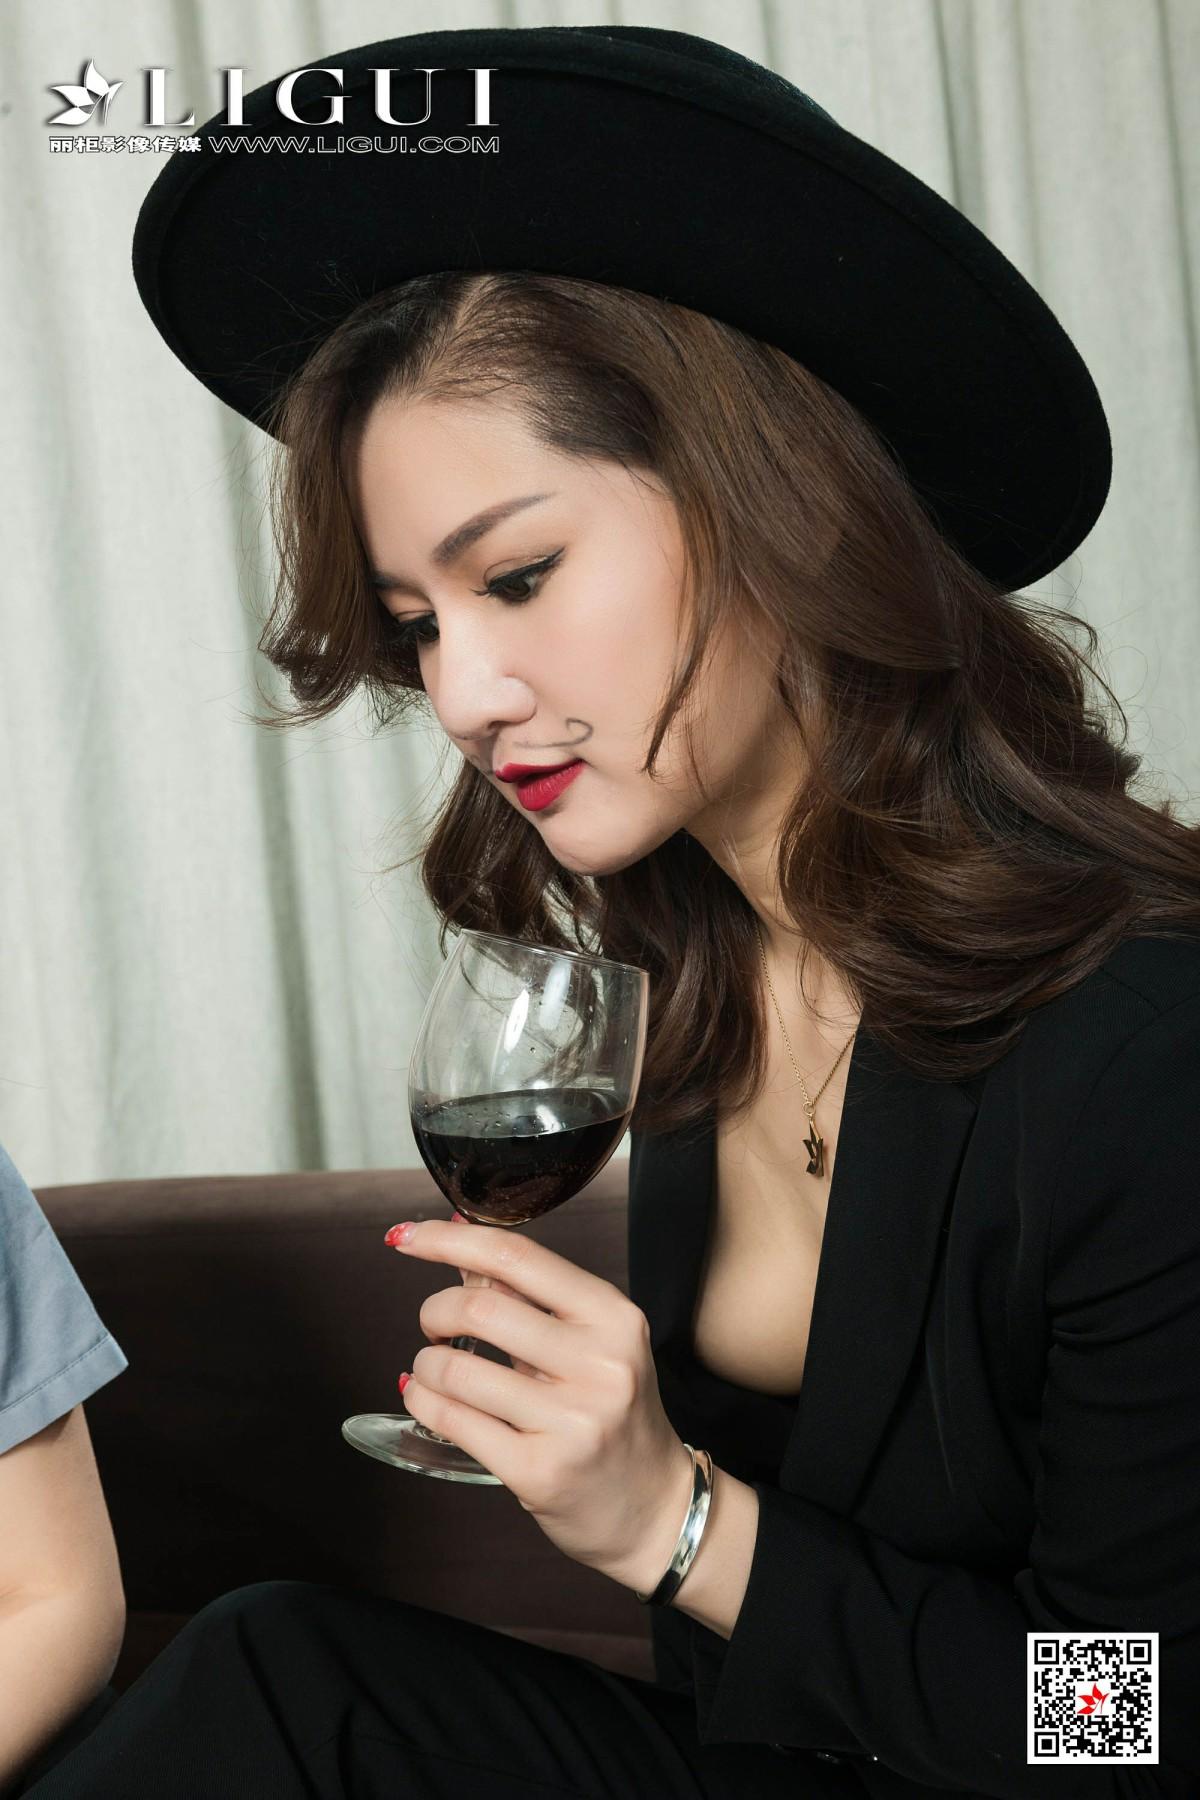 [Ligui丽柜]2020.02.15 网络丽人 Model 文芮&潘潘[60P] Ligui丽柜 第3张